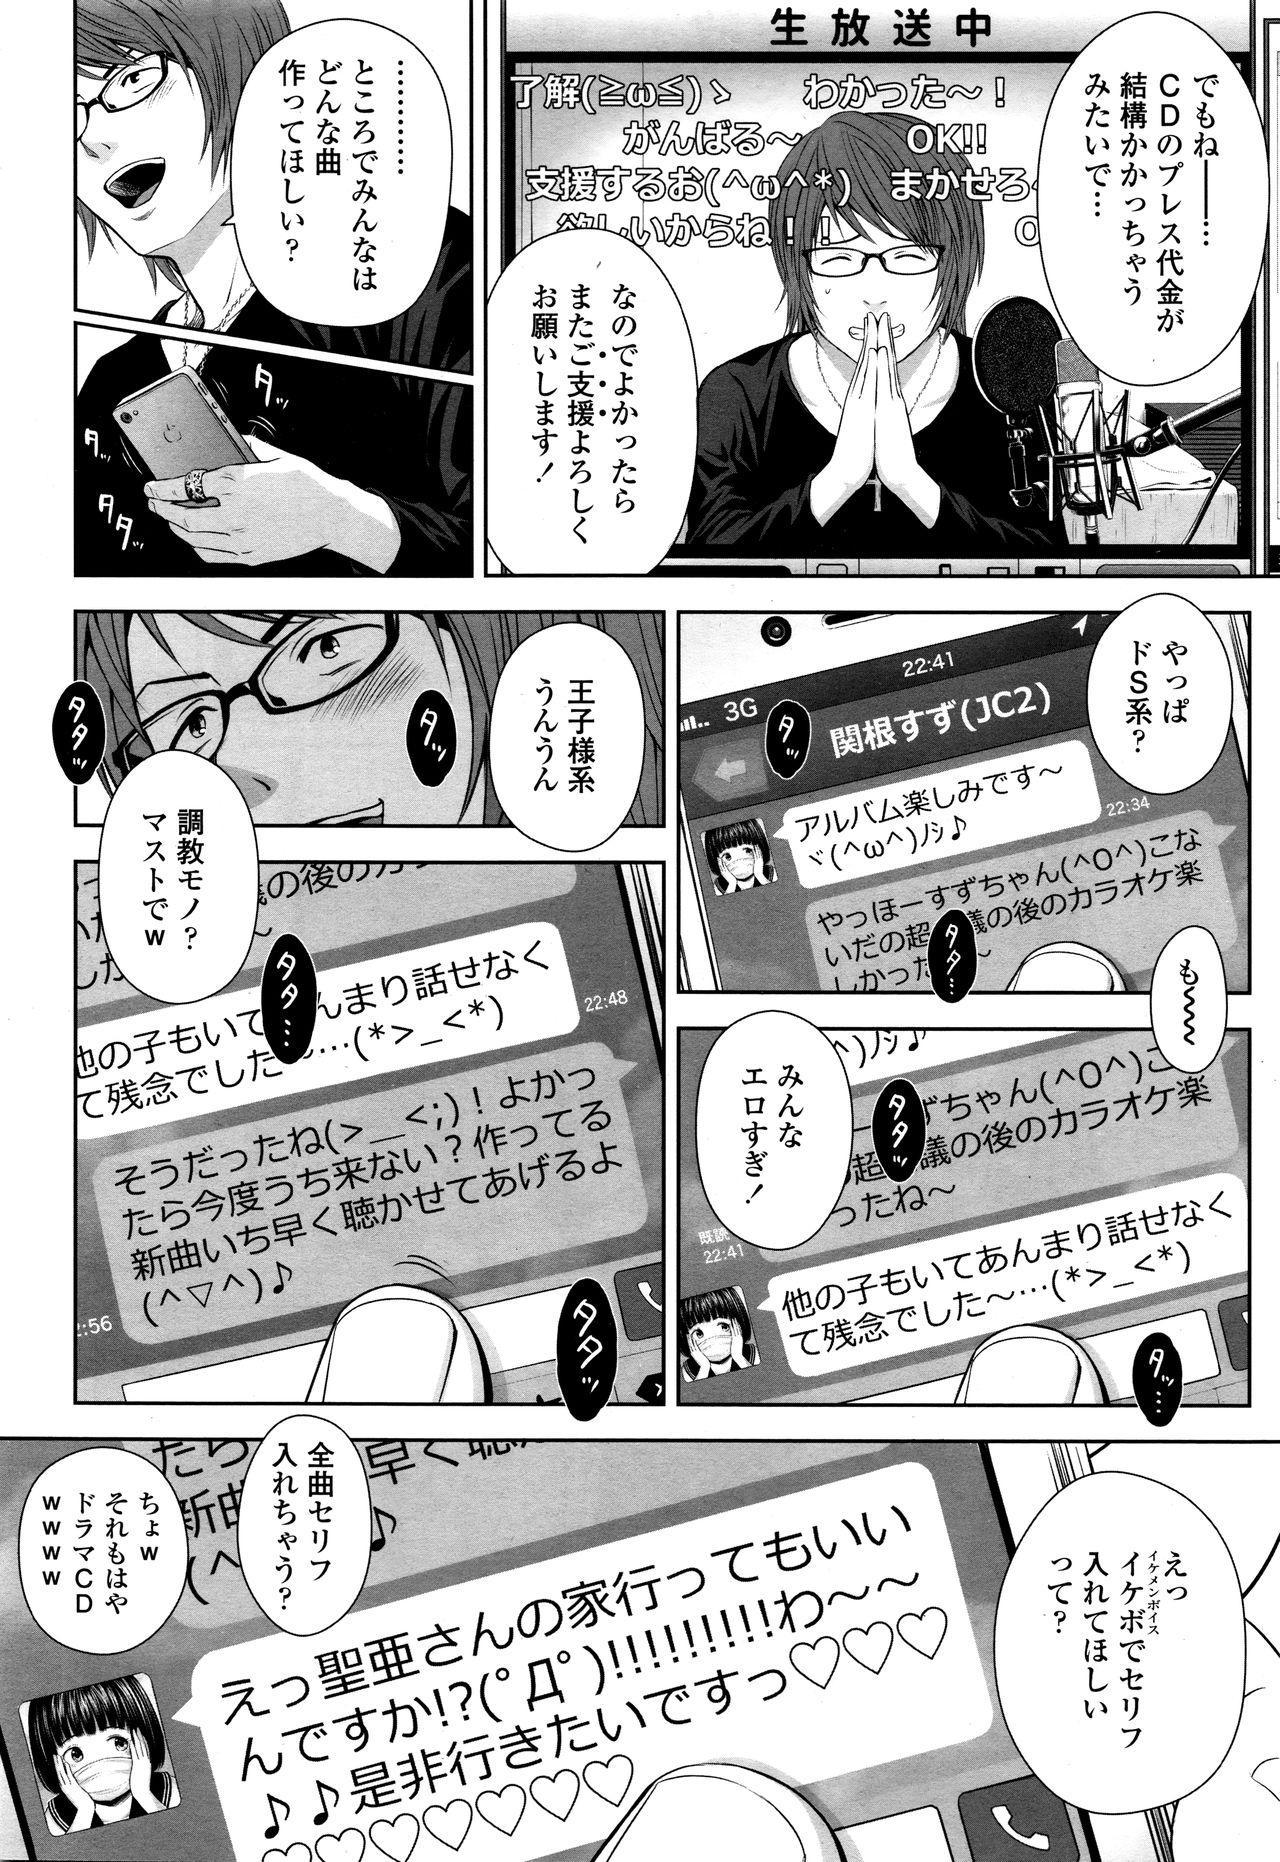 Utaite no Ballad Ch. 1-7 3